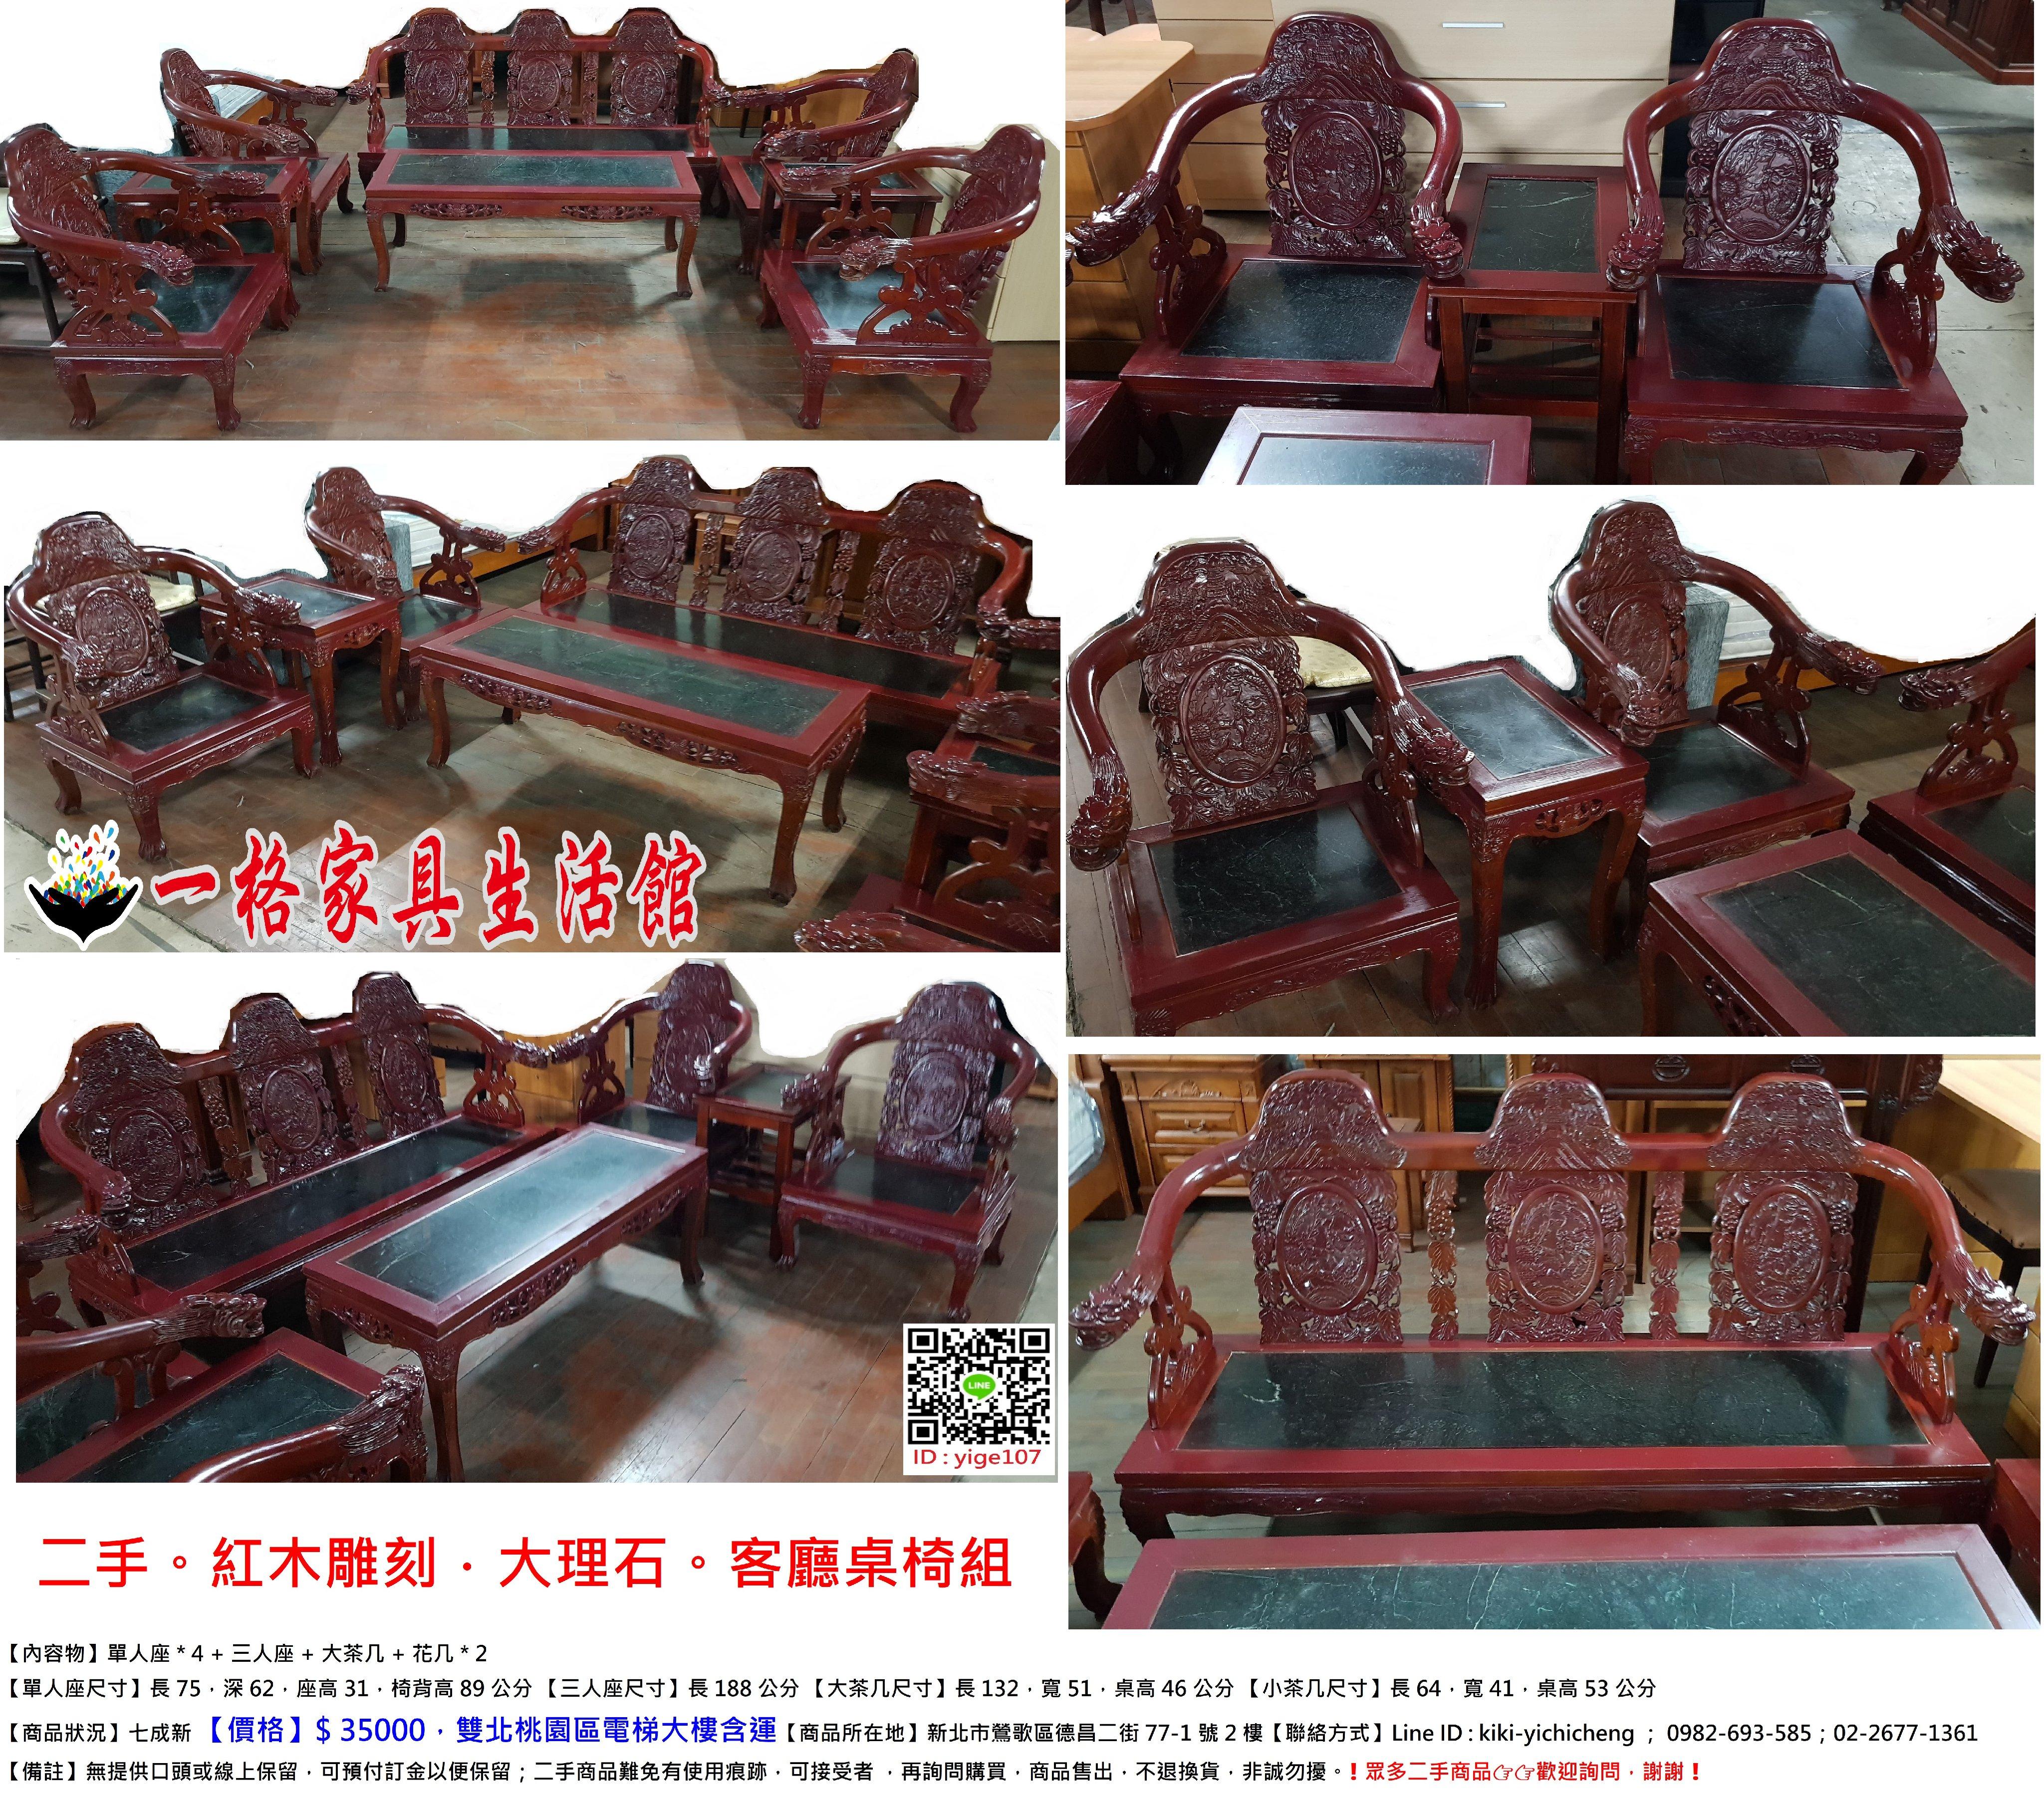 二手。紅木雕刻.大理石。客廳桌椅組。八件組